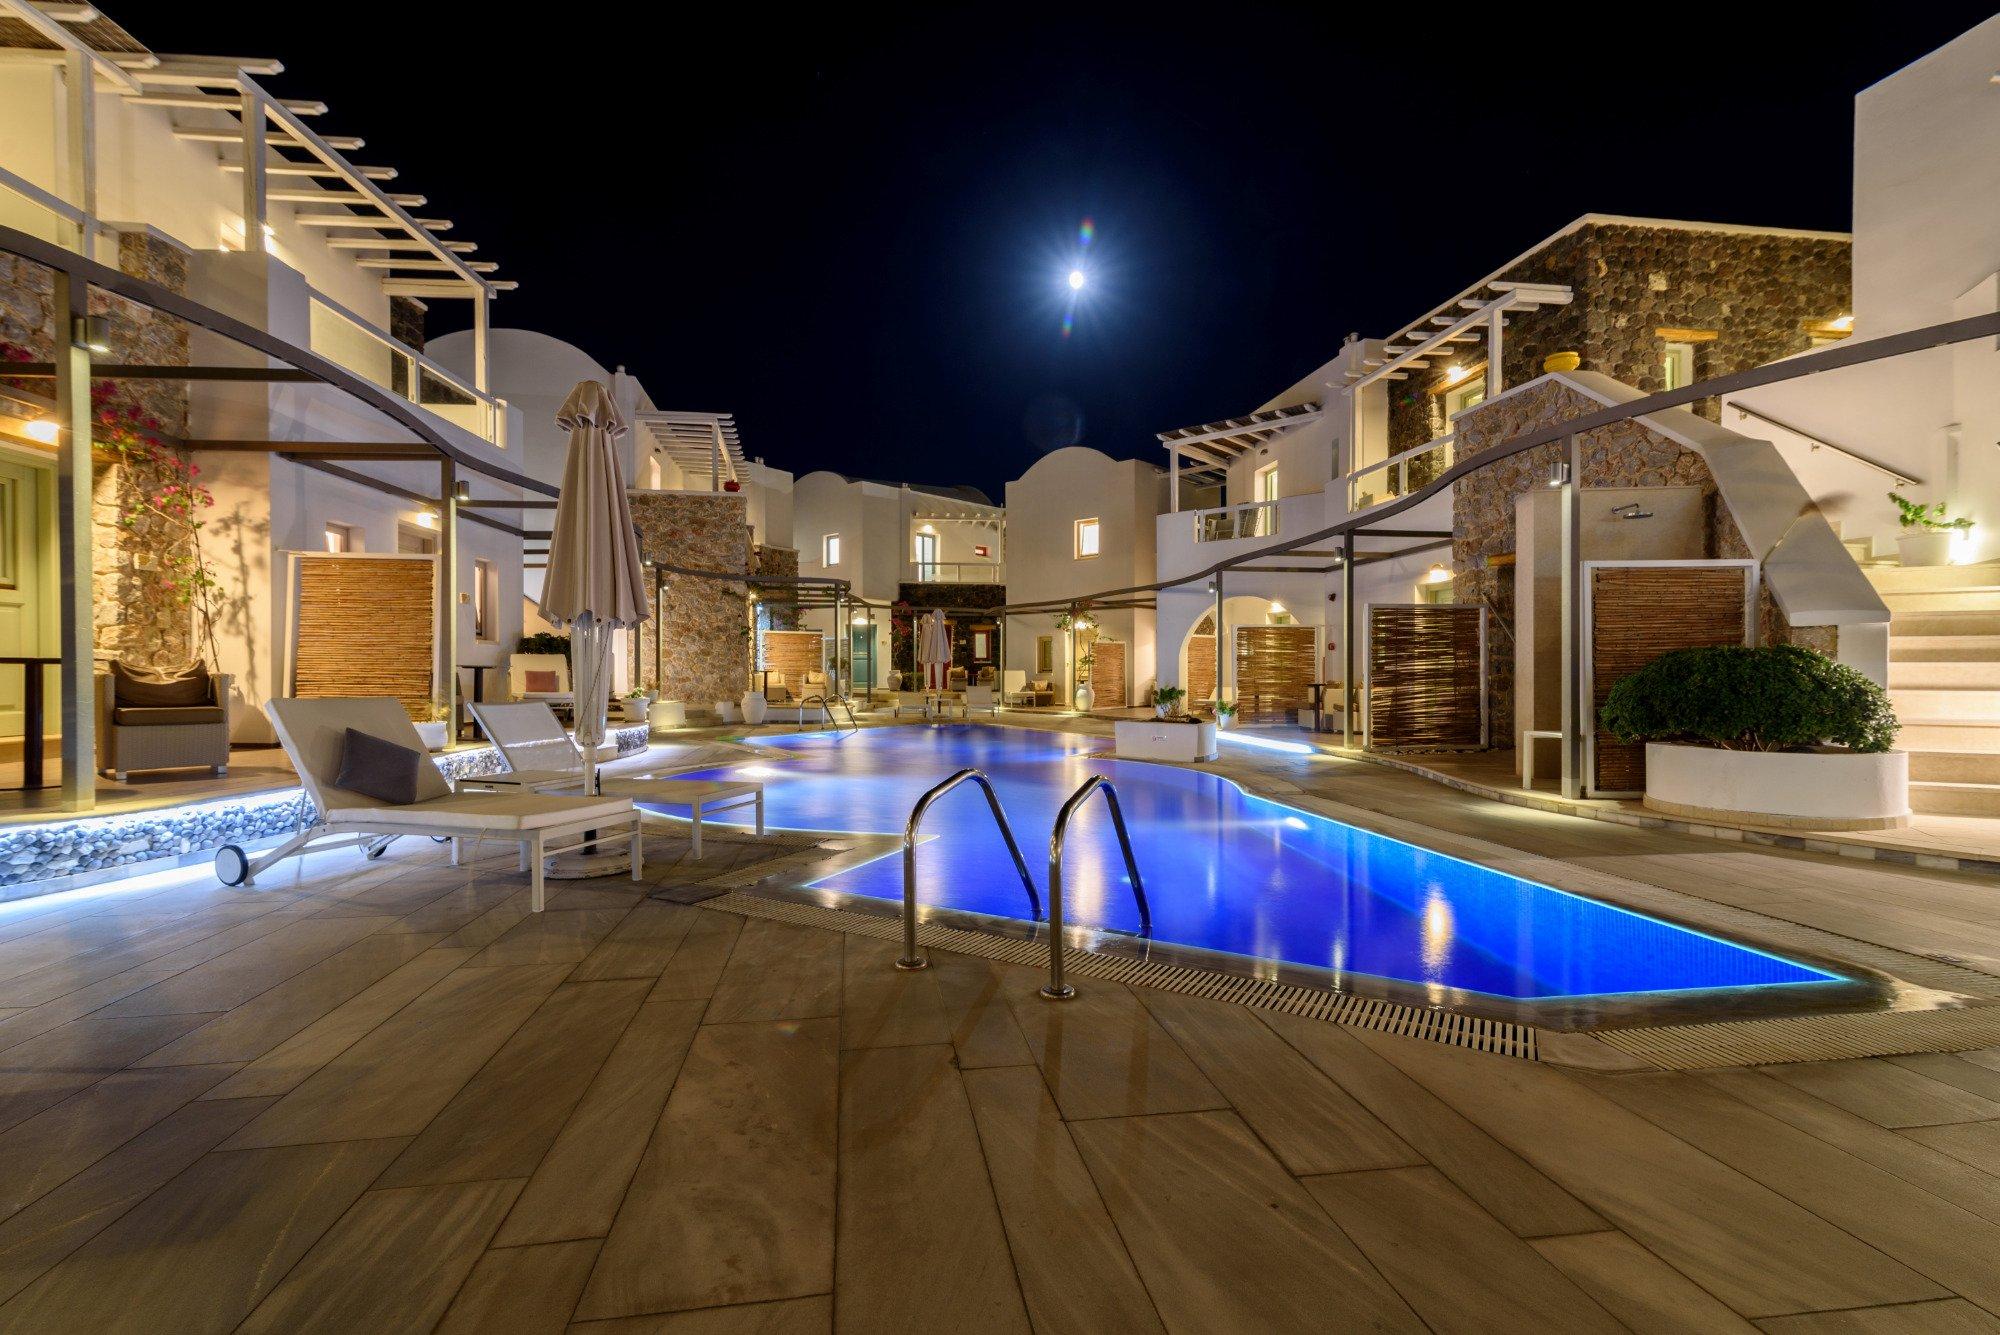 海洋豪華溫泉飯店 - 僅限成人入住